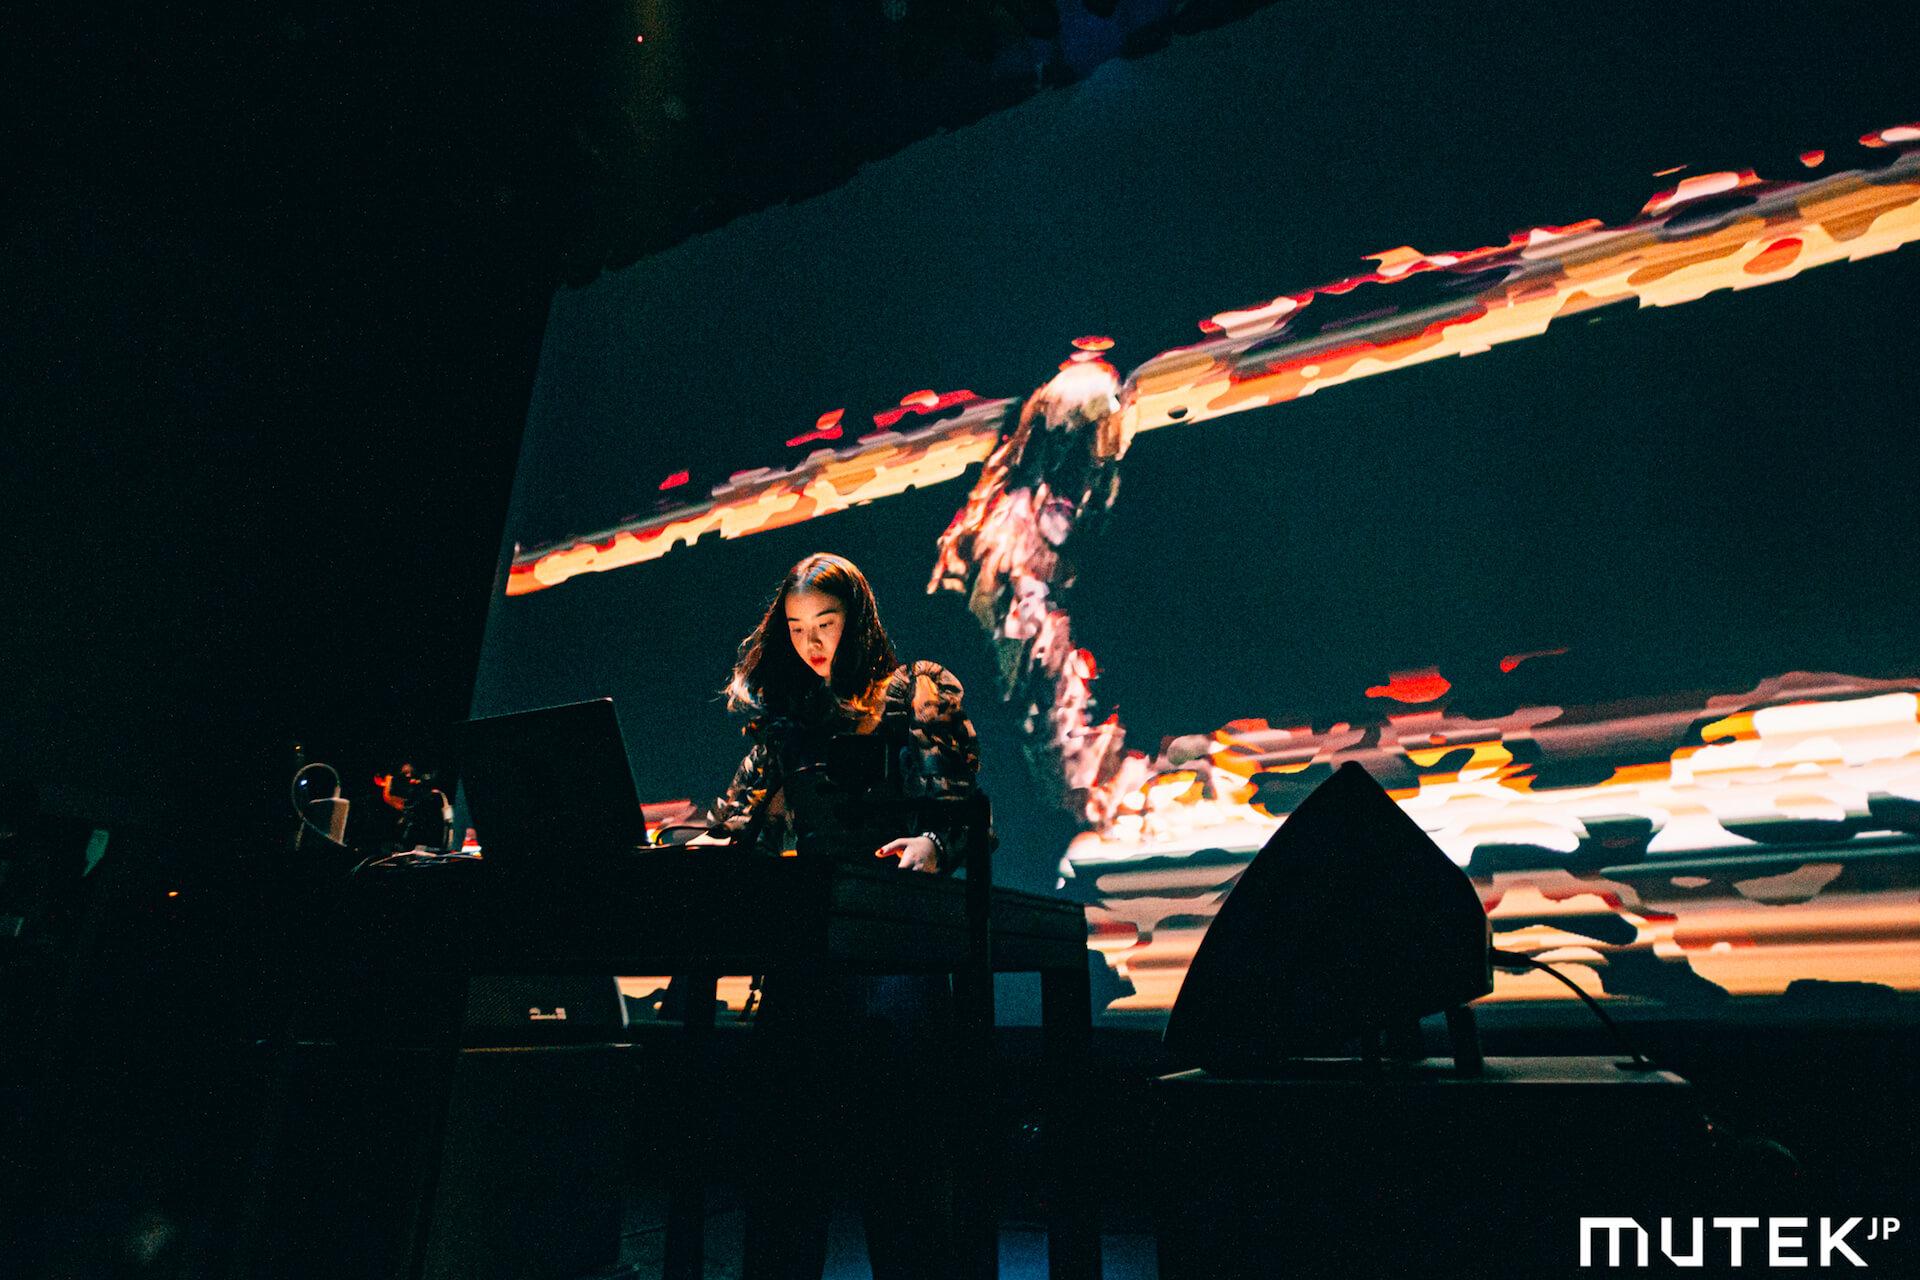 フォトレポート|Kode 9 & Koji Morimotoらが登場した電子音楽&デジタルアートの祭典「MUTEK.JP 2019」 music191219-mutek2019-3